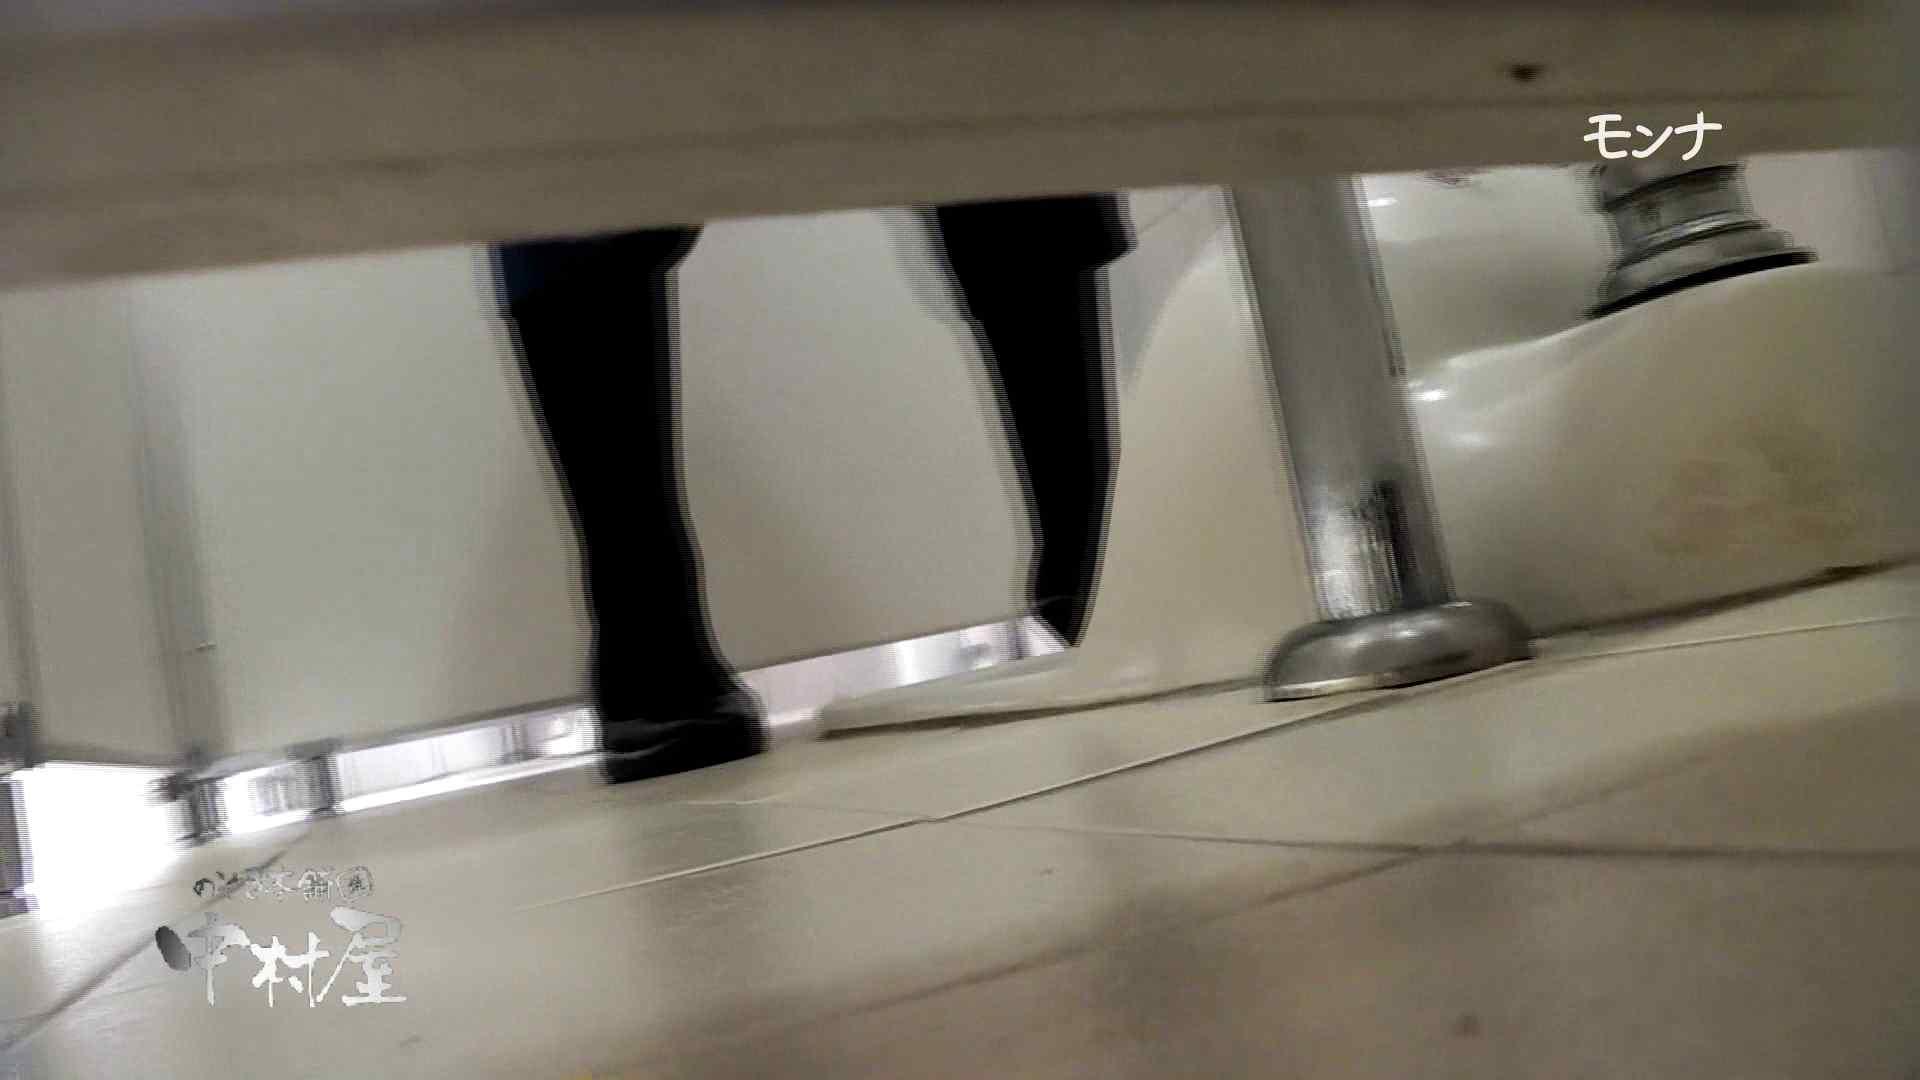 【美しい日本の未来】新学期!!下半身中心に攻めてます美女可愛い女子悪戯盗satuトイレ後編 0 | 0  40連発 33